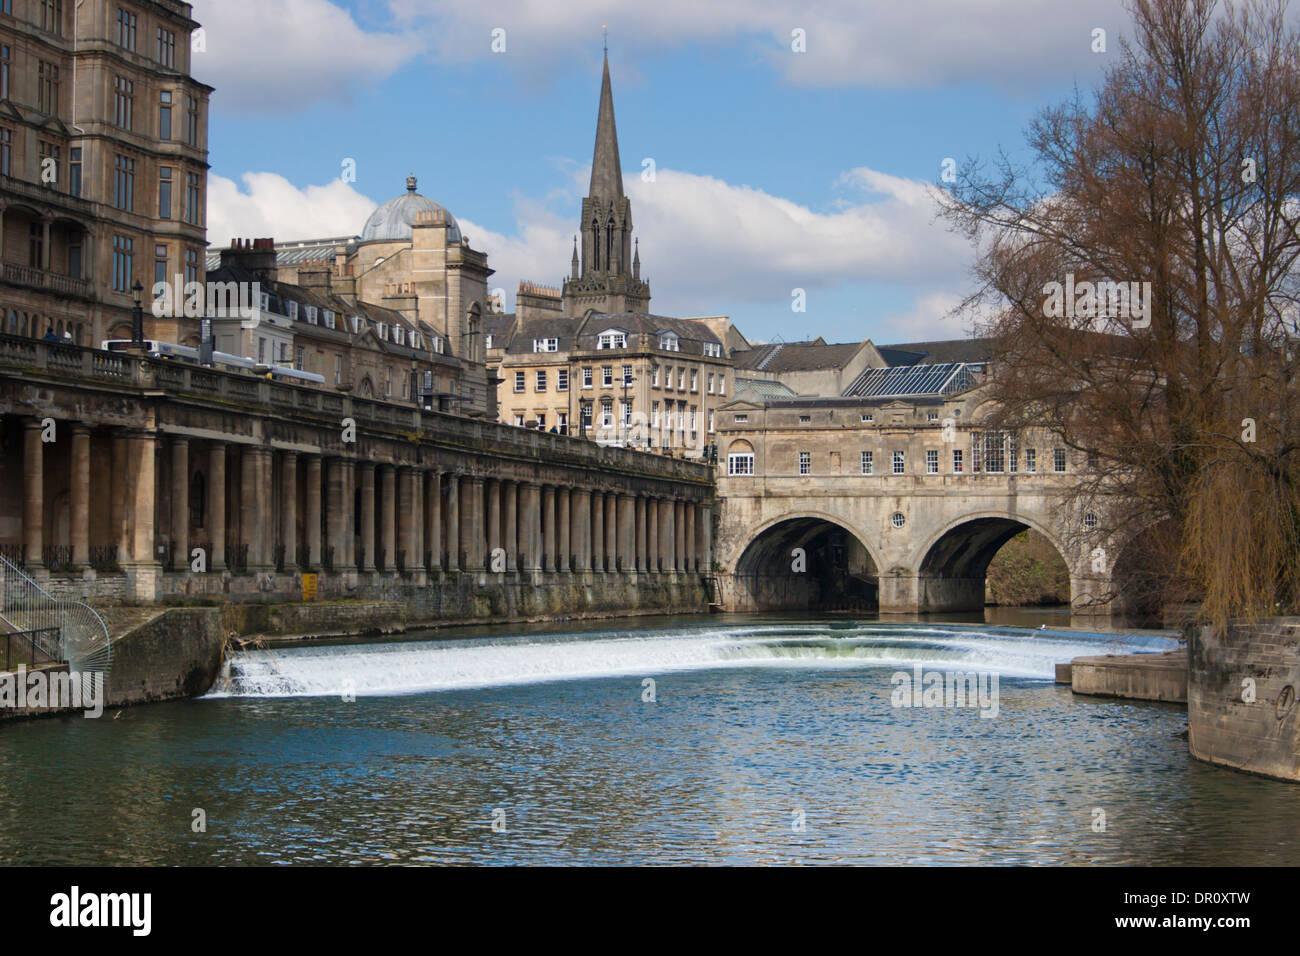 Ansicht der Pultney Brücke über den Fluss Avon in der Stadt Bath, Somerset. England. Stockbild